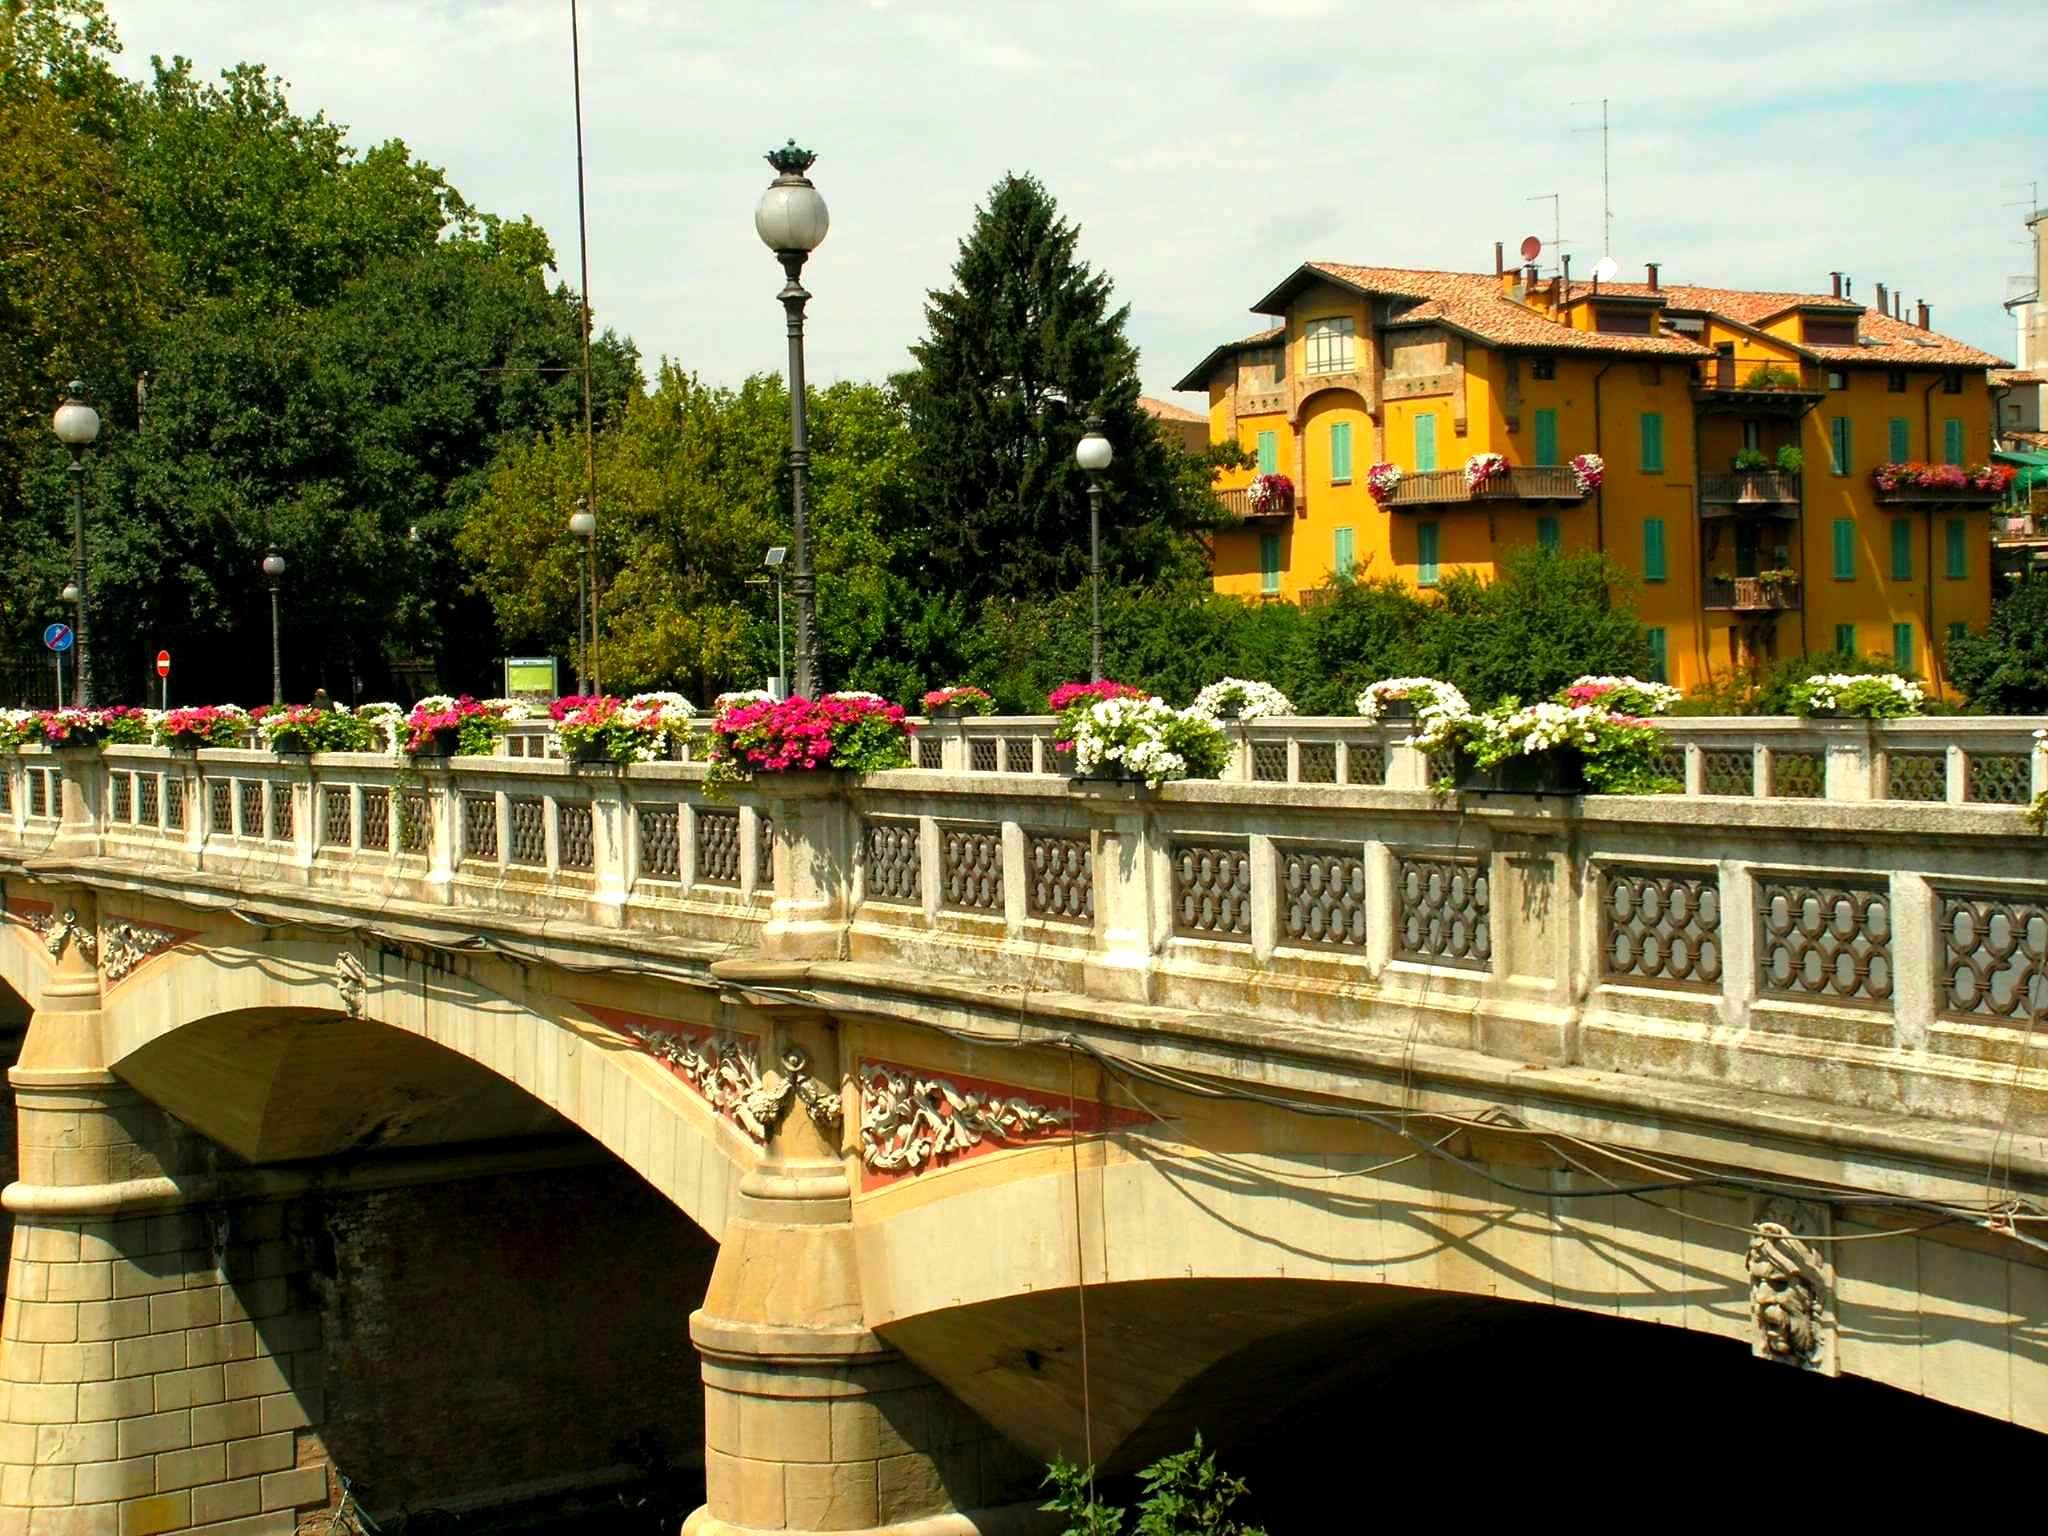 Parma Italy  city photos : astronomical clock Parma Italy | Antonio Ramblés travels